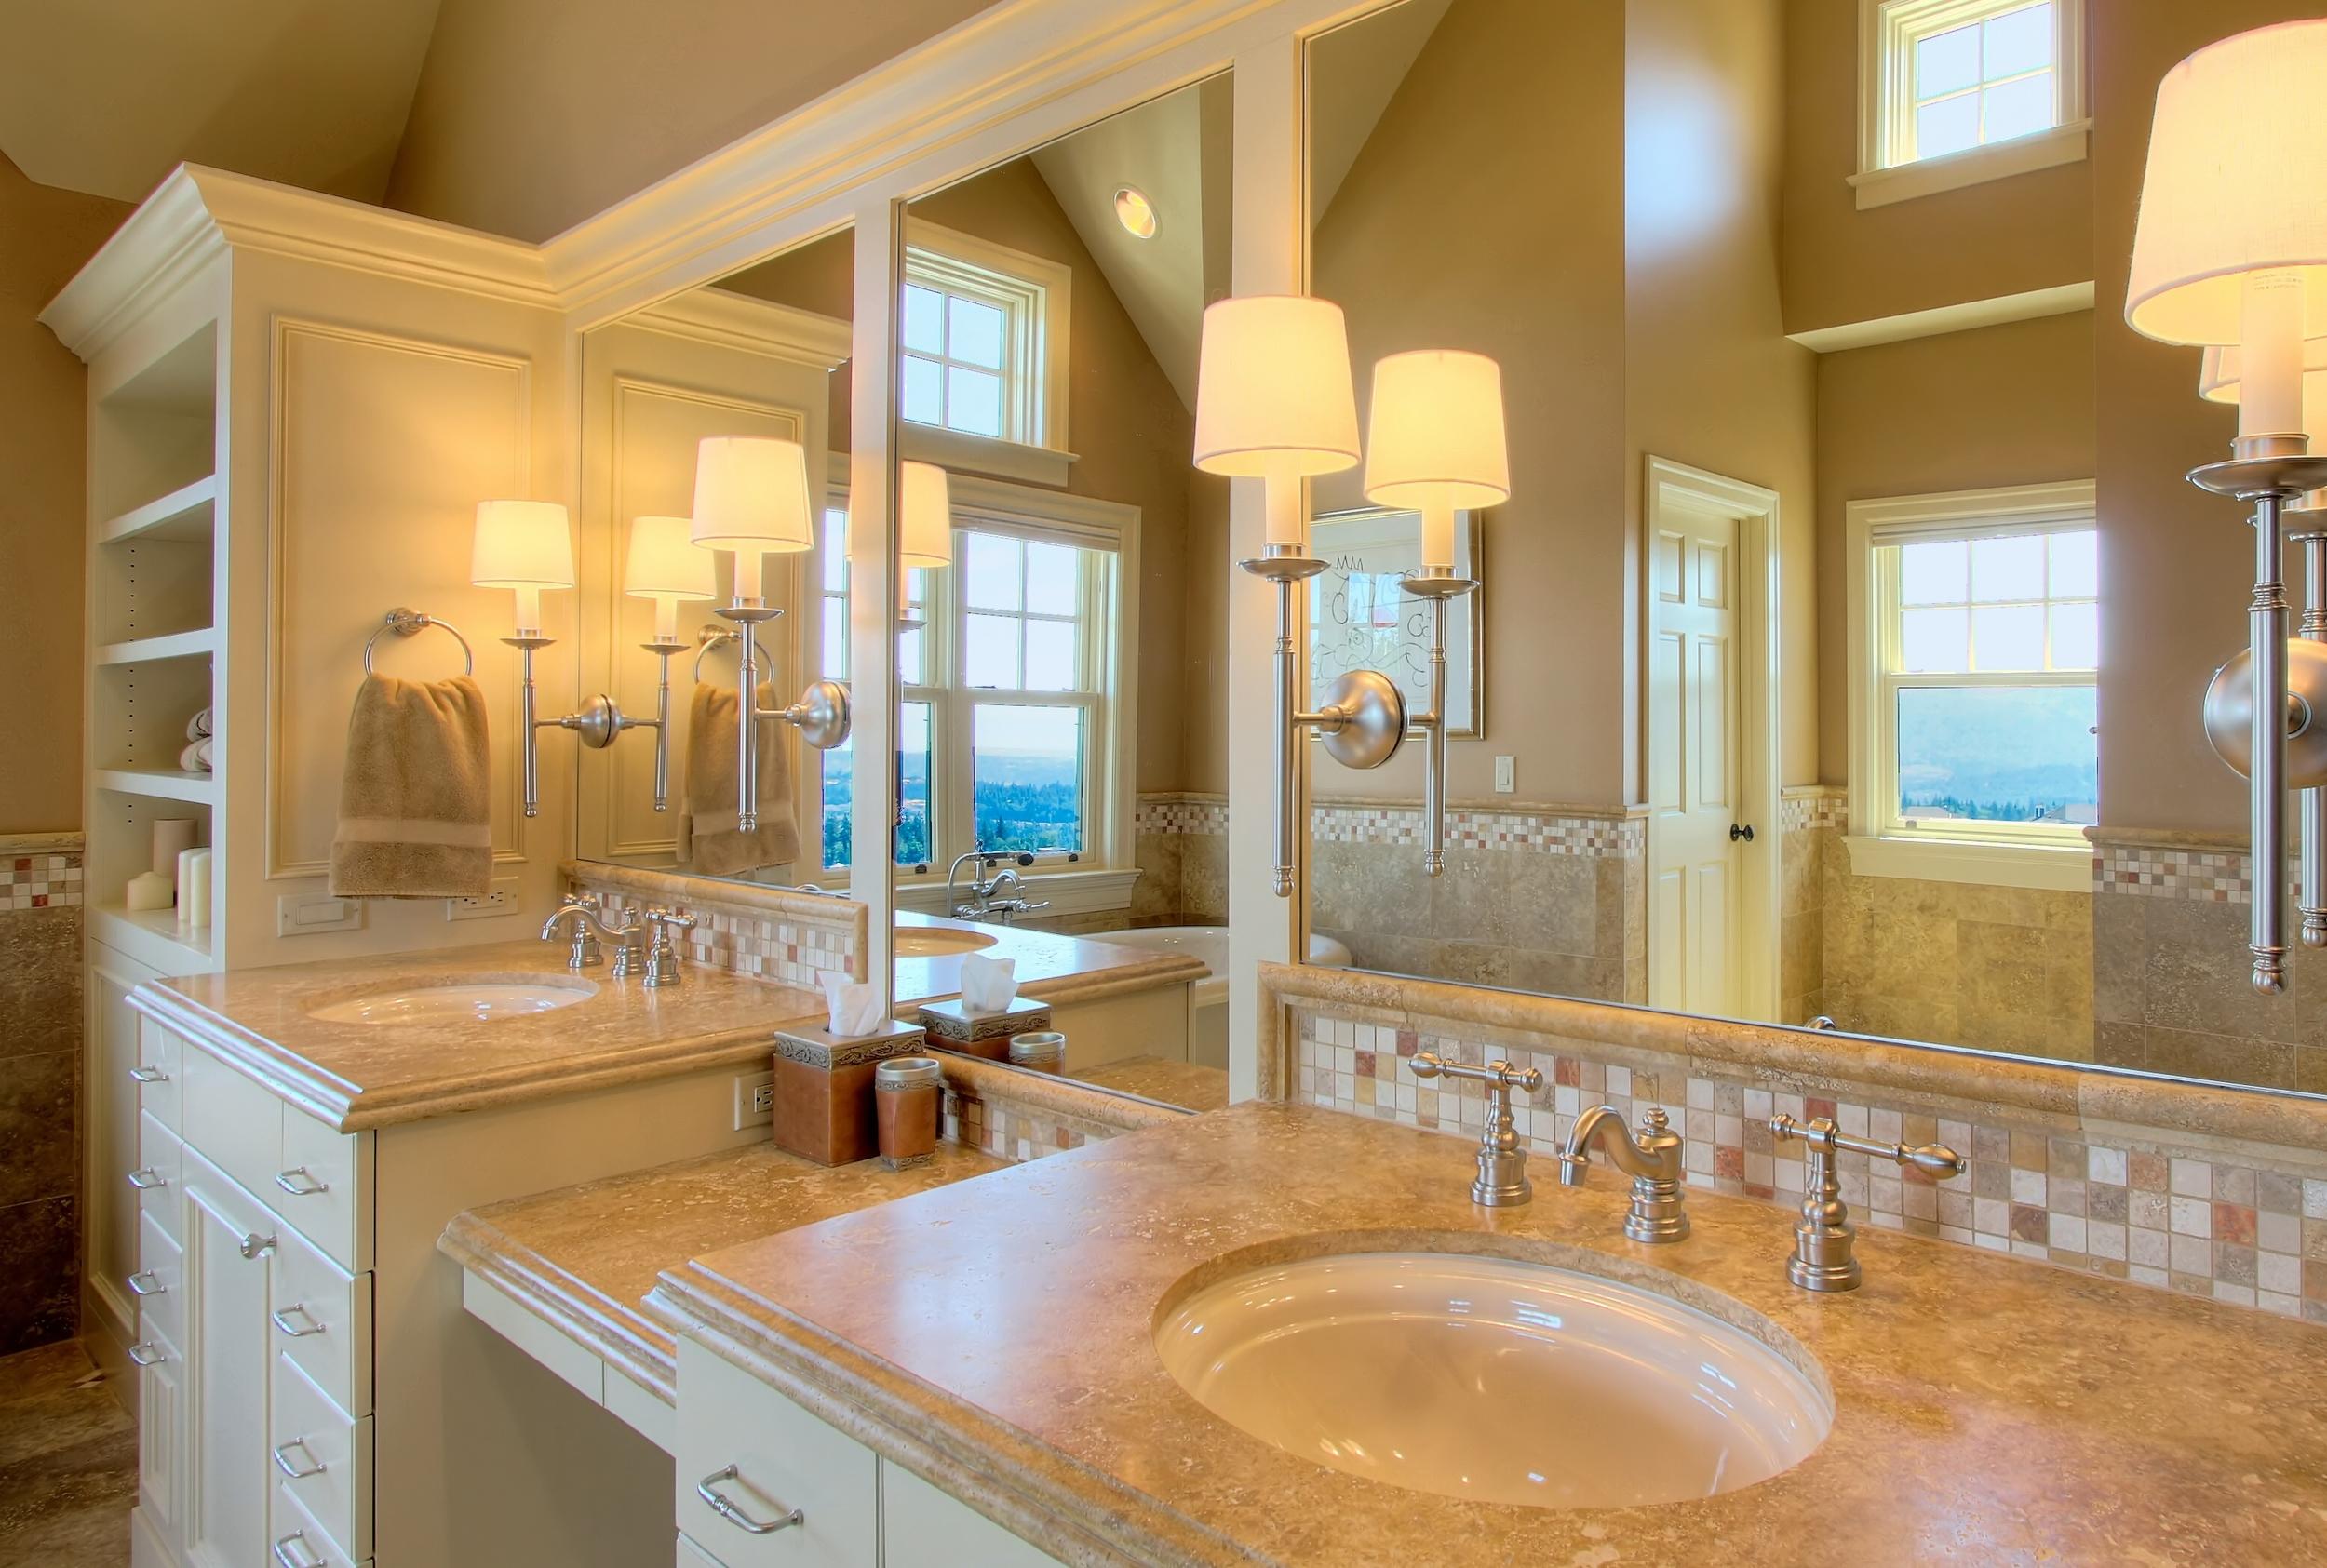 bathroom1 crop2.jpg